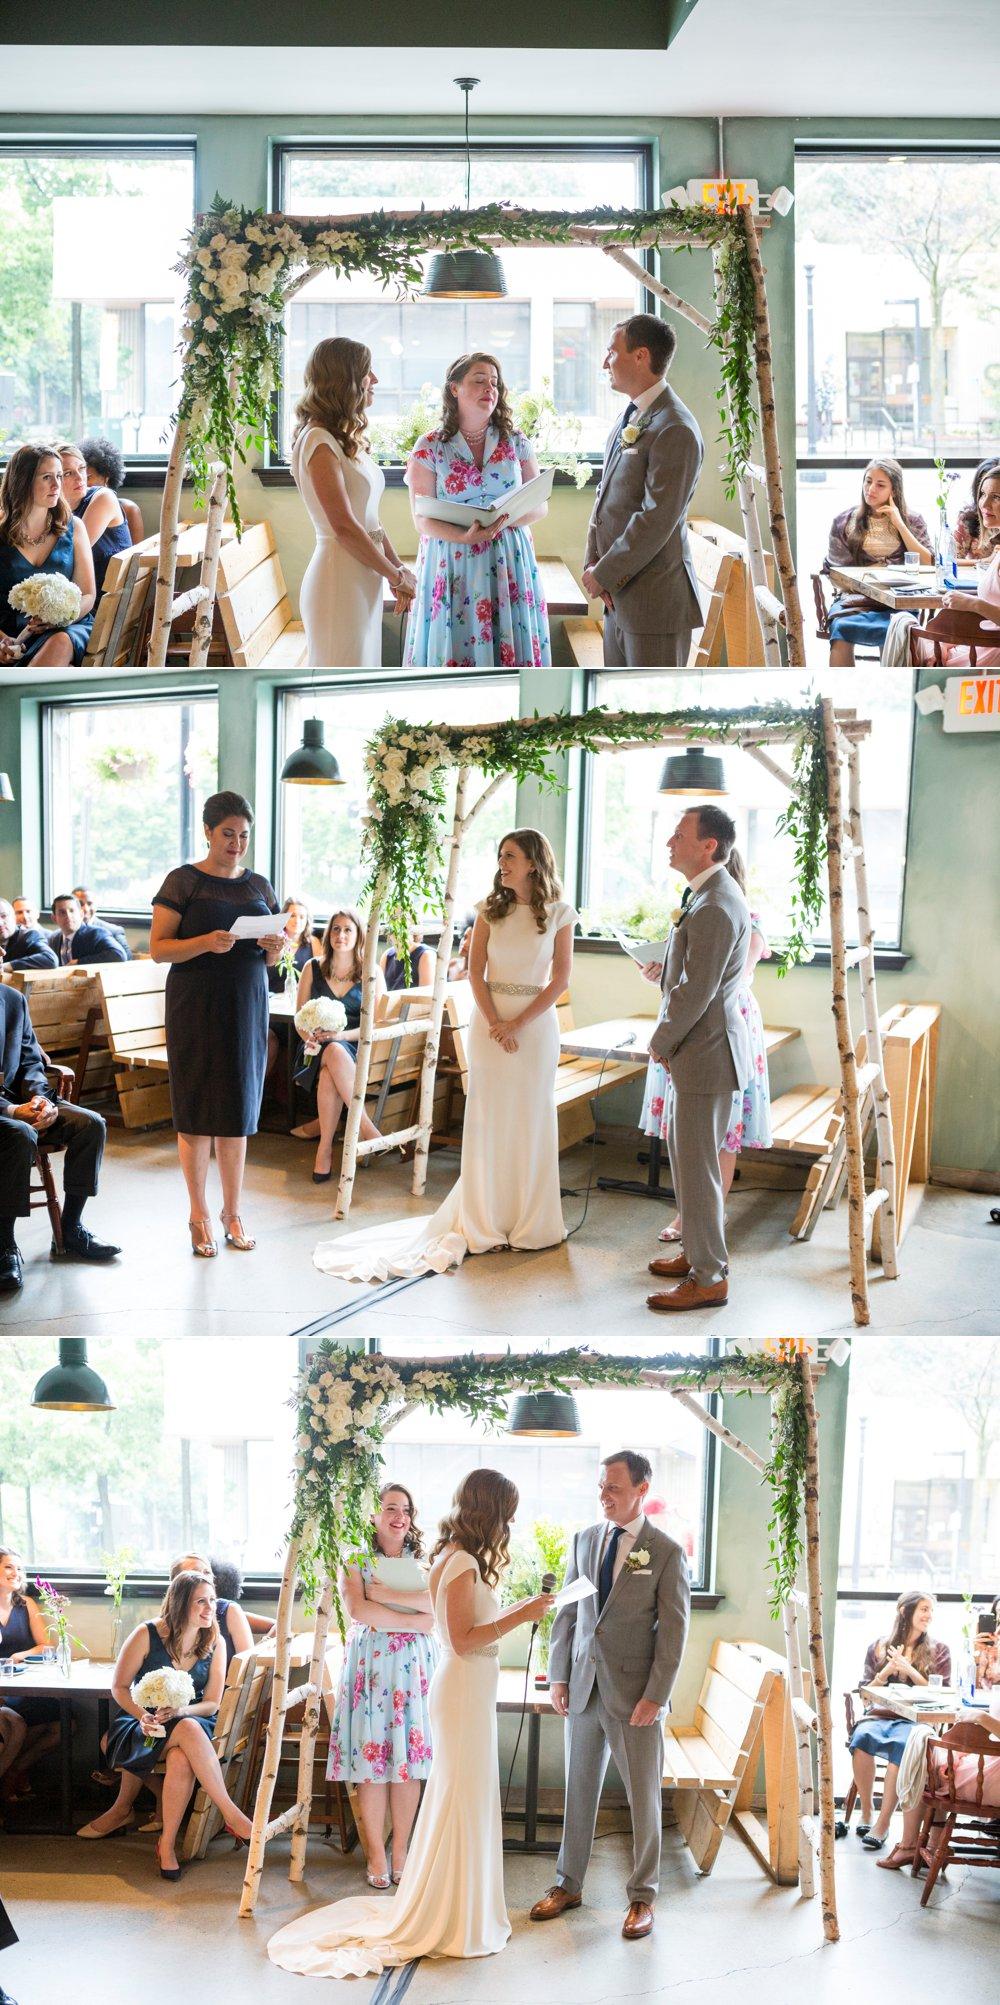 SomerbyJonesPhotography_LoyalNineWedding_LoyalNineRestaurant_LoyalNine_Wedding_0027.jpg